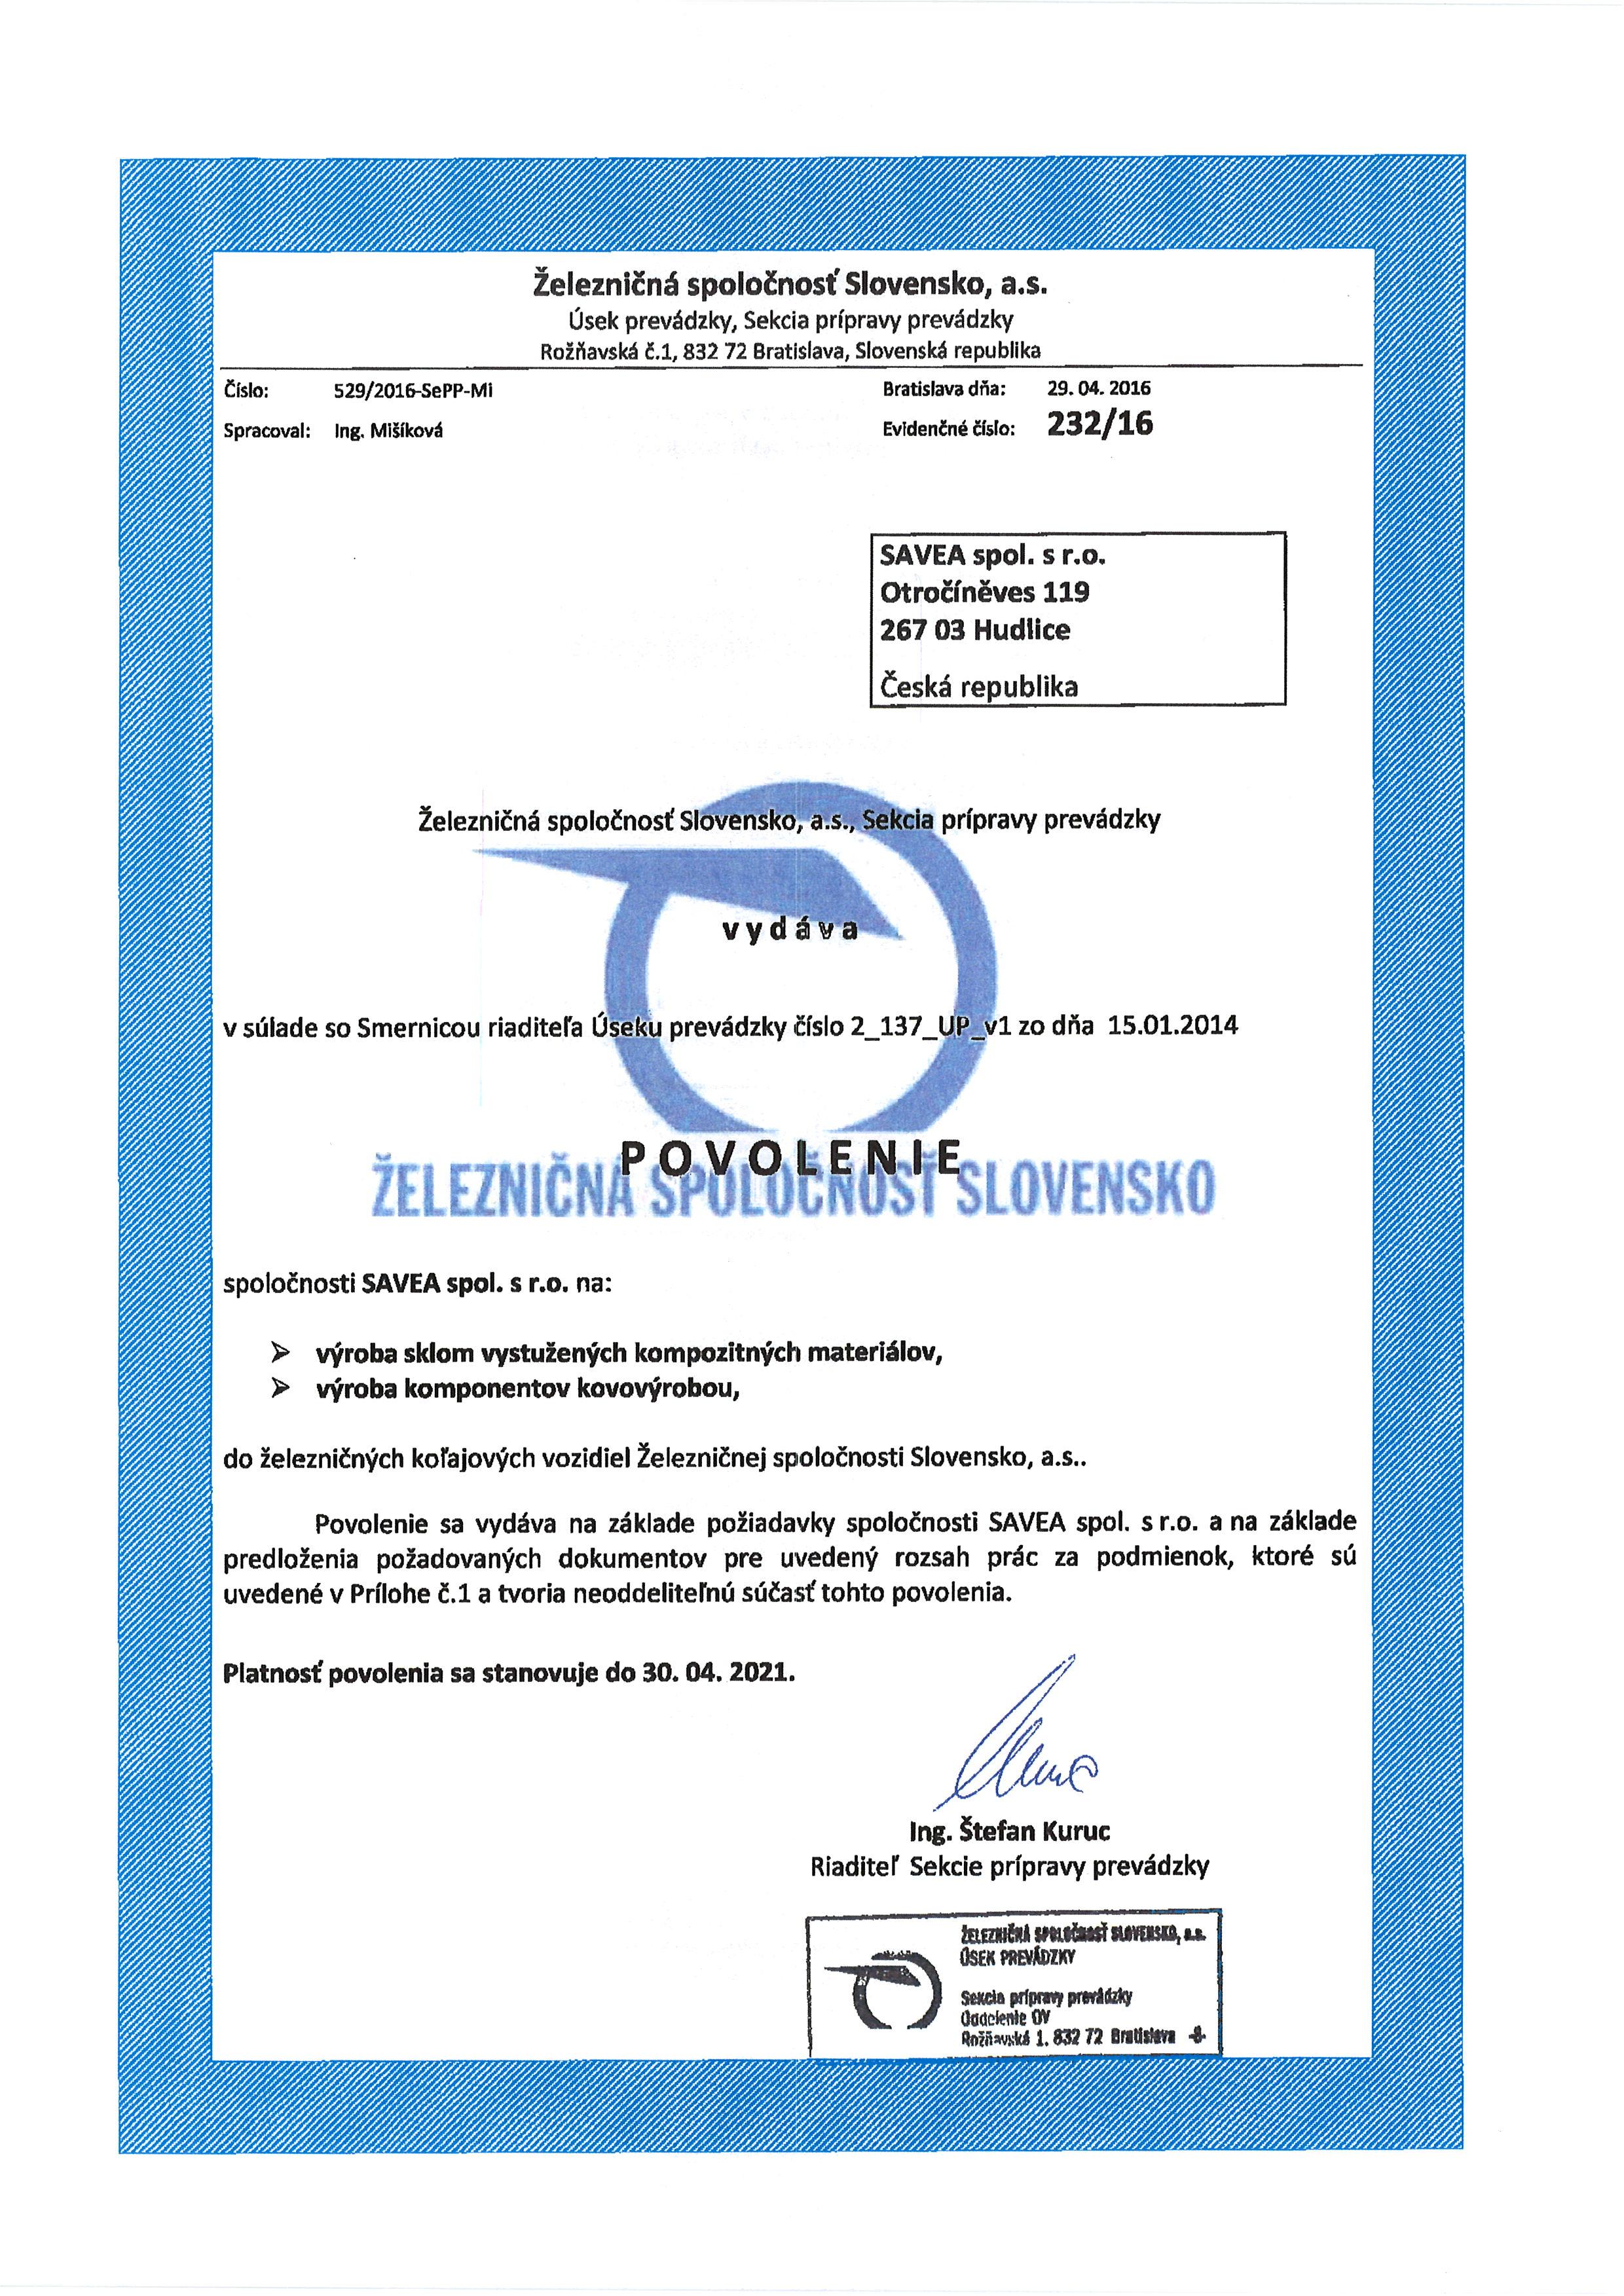 Povolení pro dodávky Železniční společnosti Slovensko